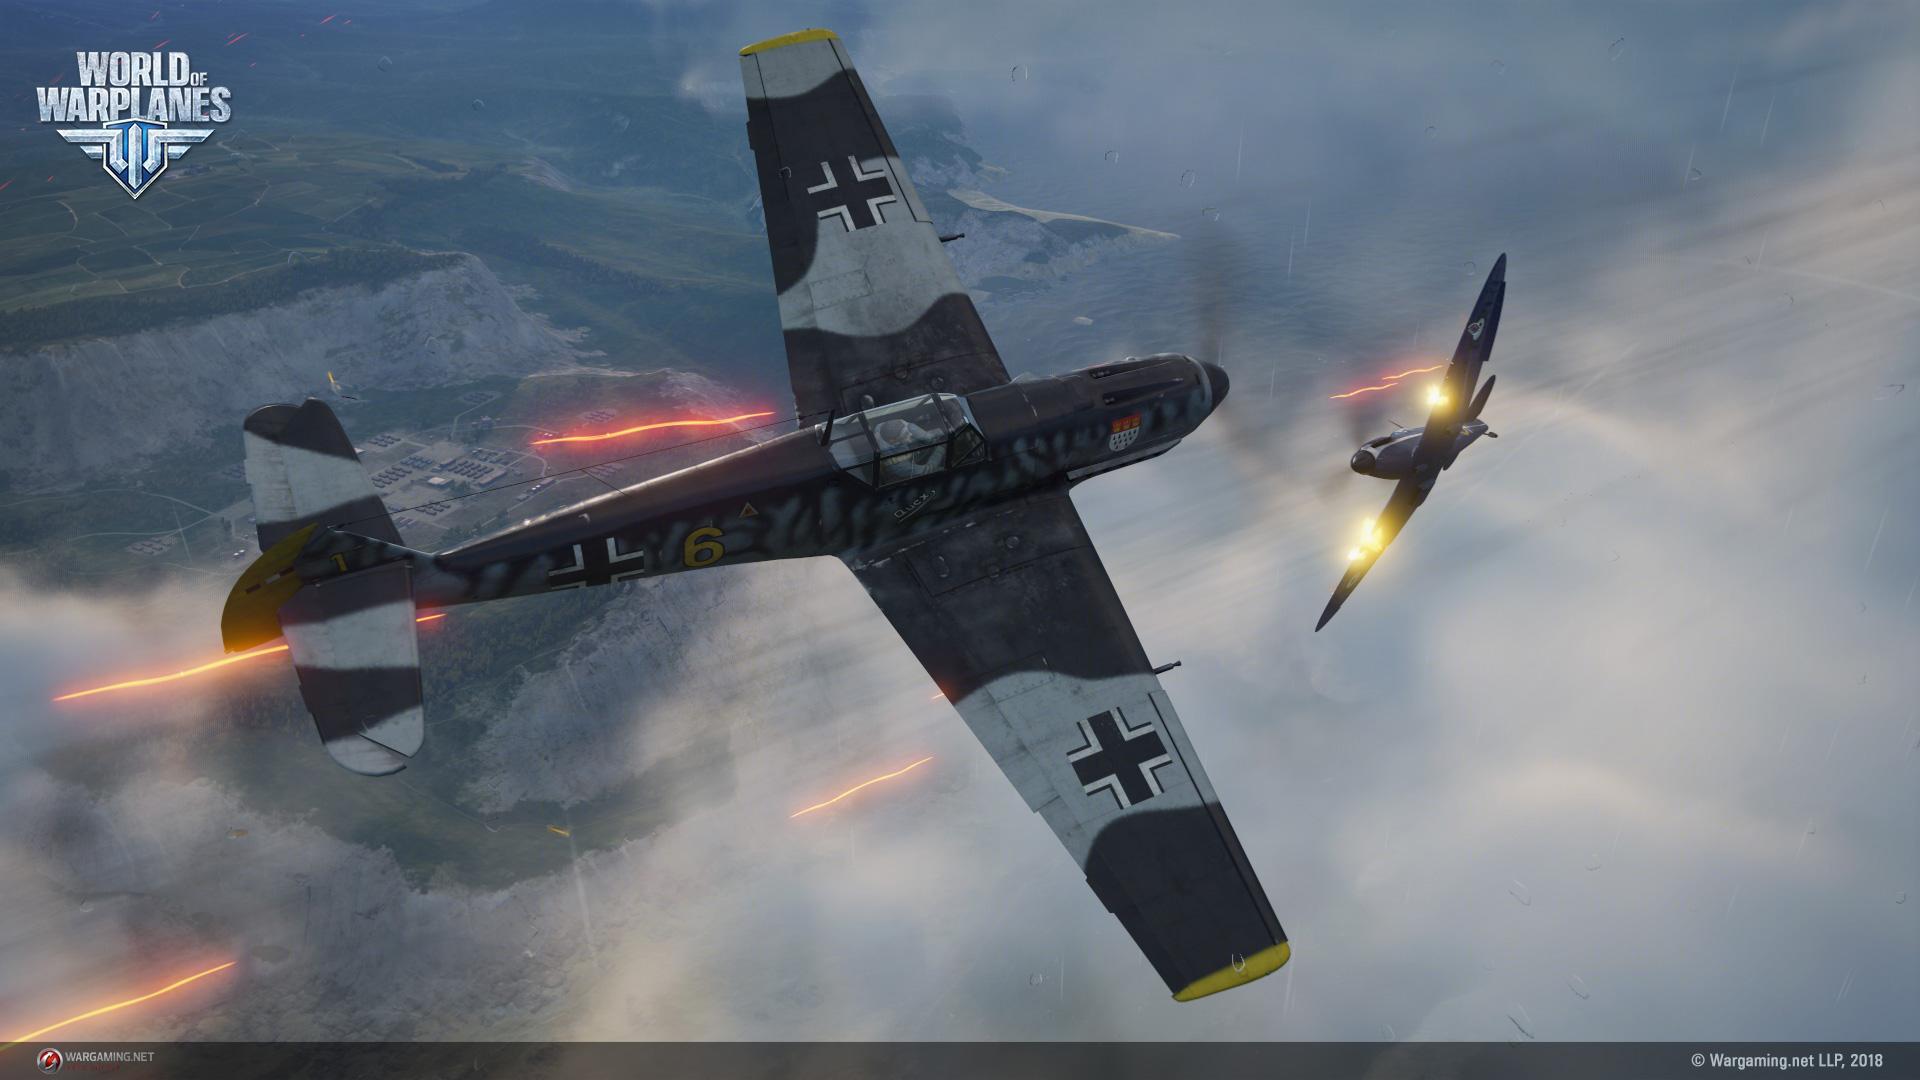 http://www.idgtv.es/archivos/201806/world-of-warplanes-img1.jpg